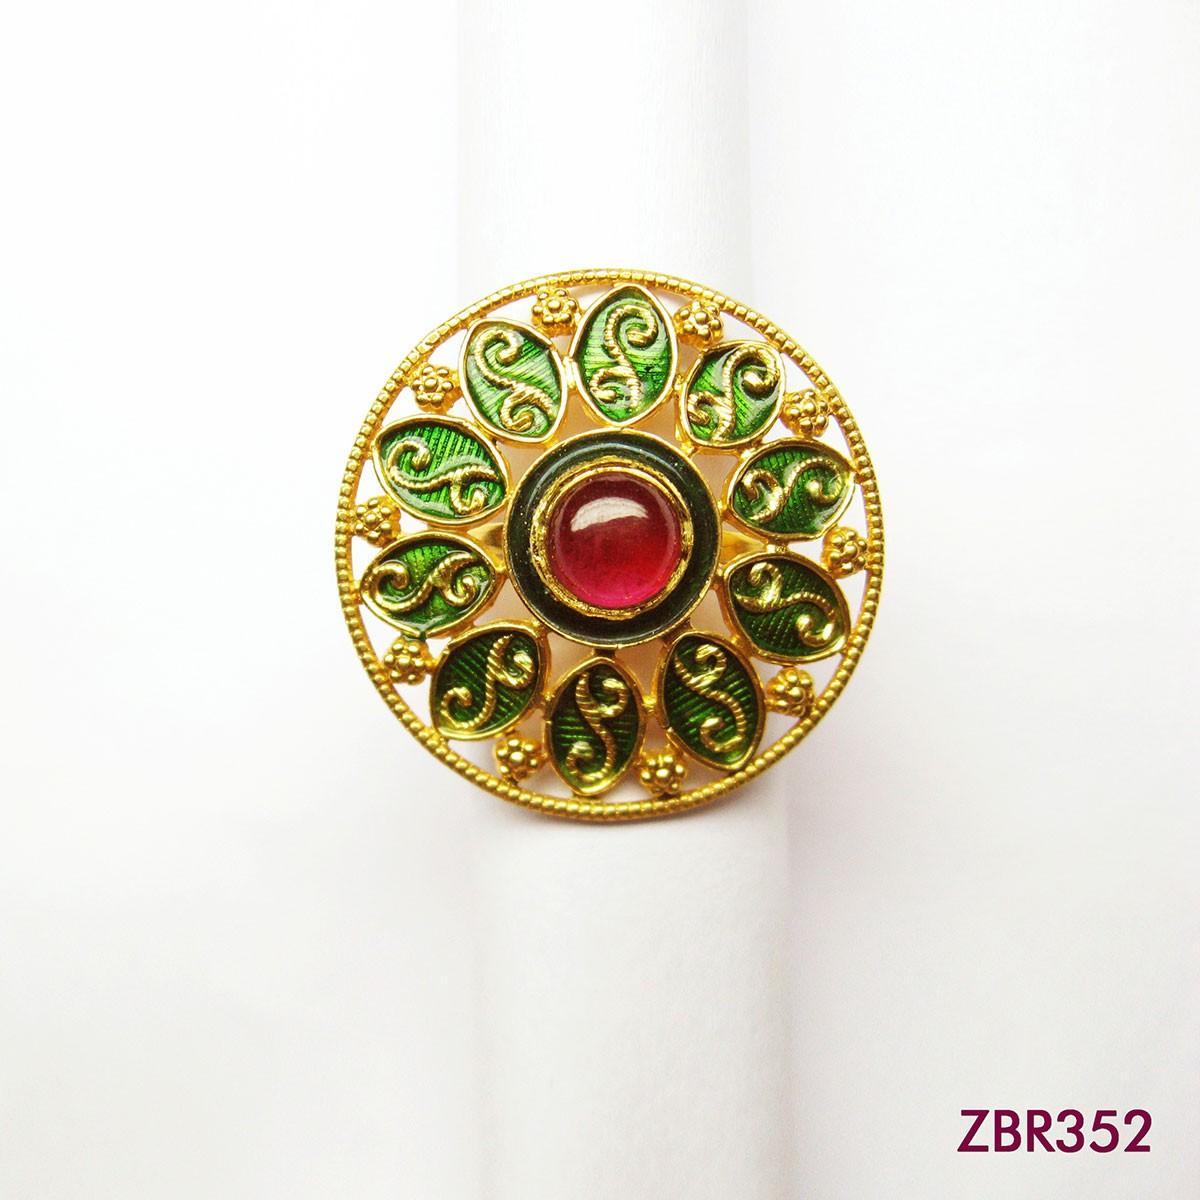 ZBR352